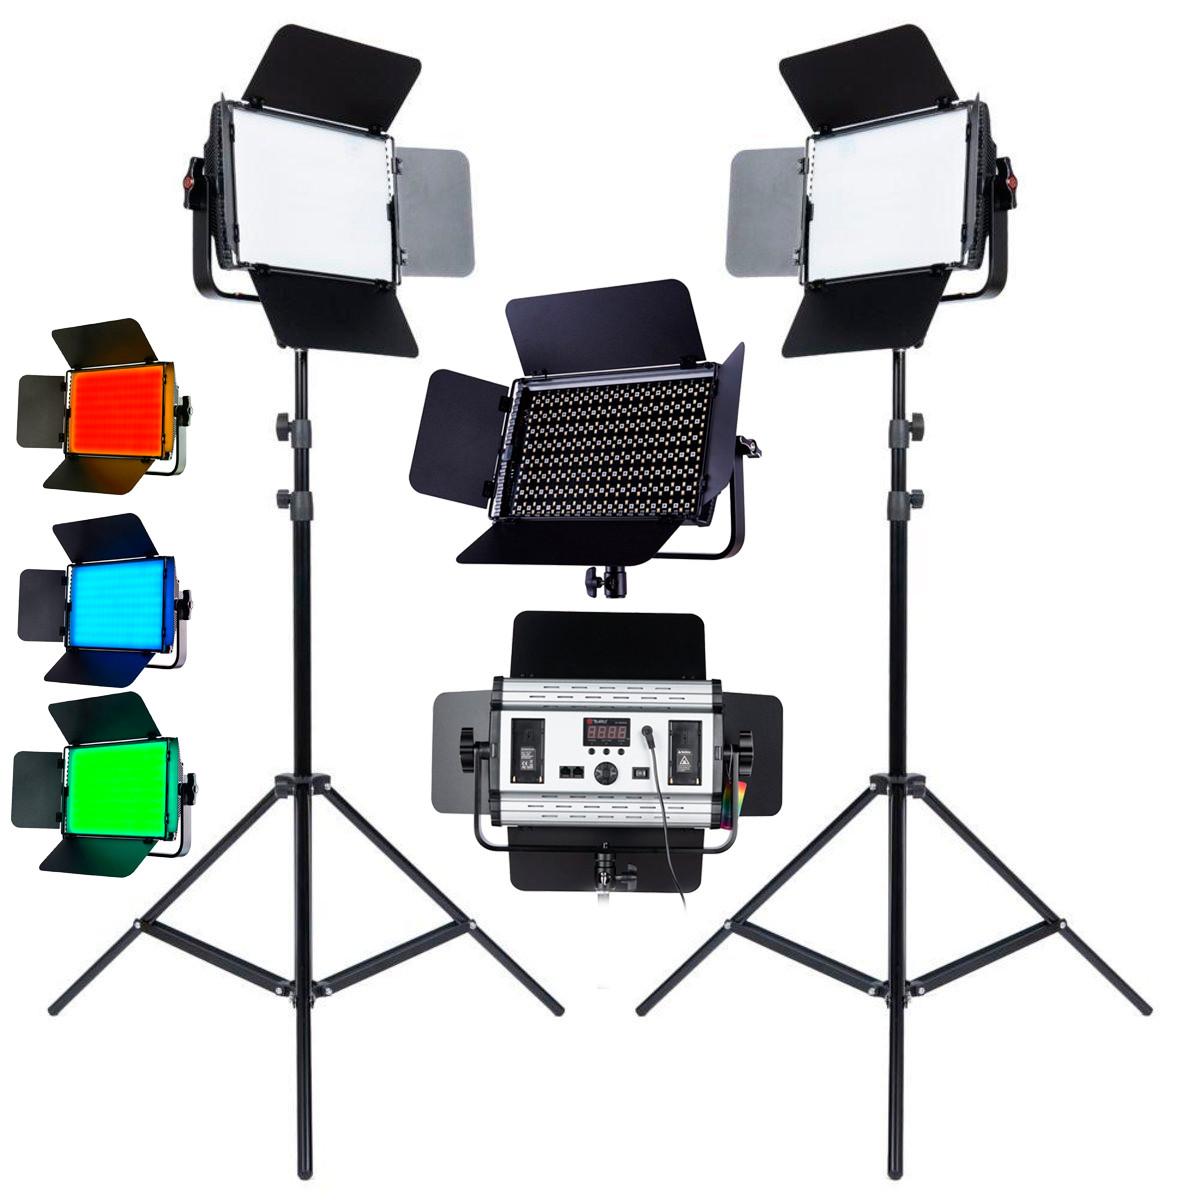 1,2 кВт Набір RGB LED постійного світлодіодного світла TOLIFO GK-S60RGB KIT - панелі 600LEDs 30x19x4,2см, диммер